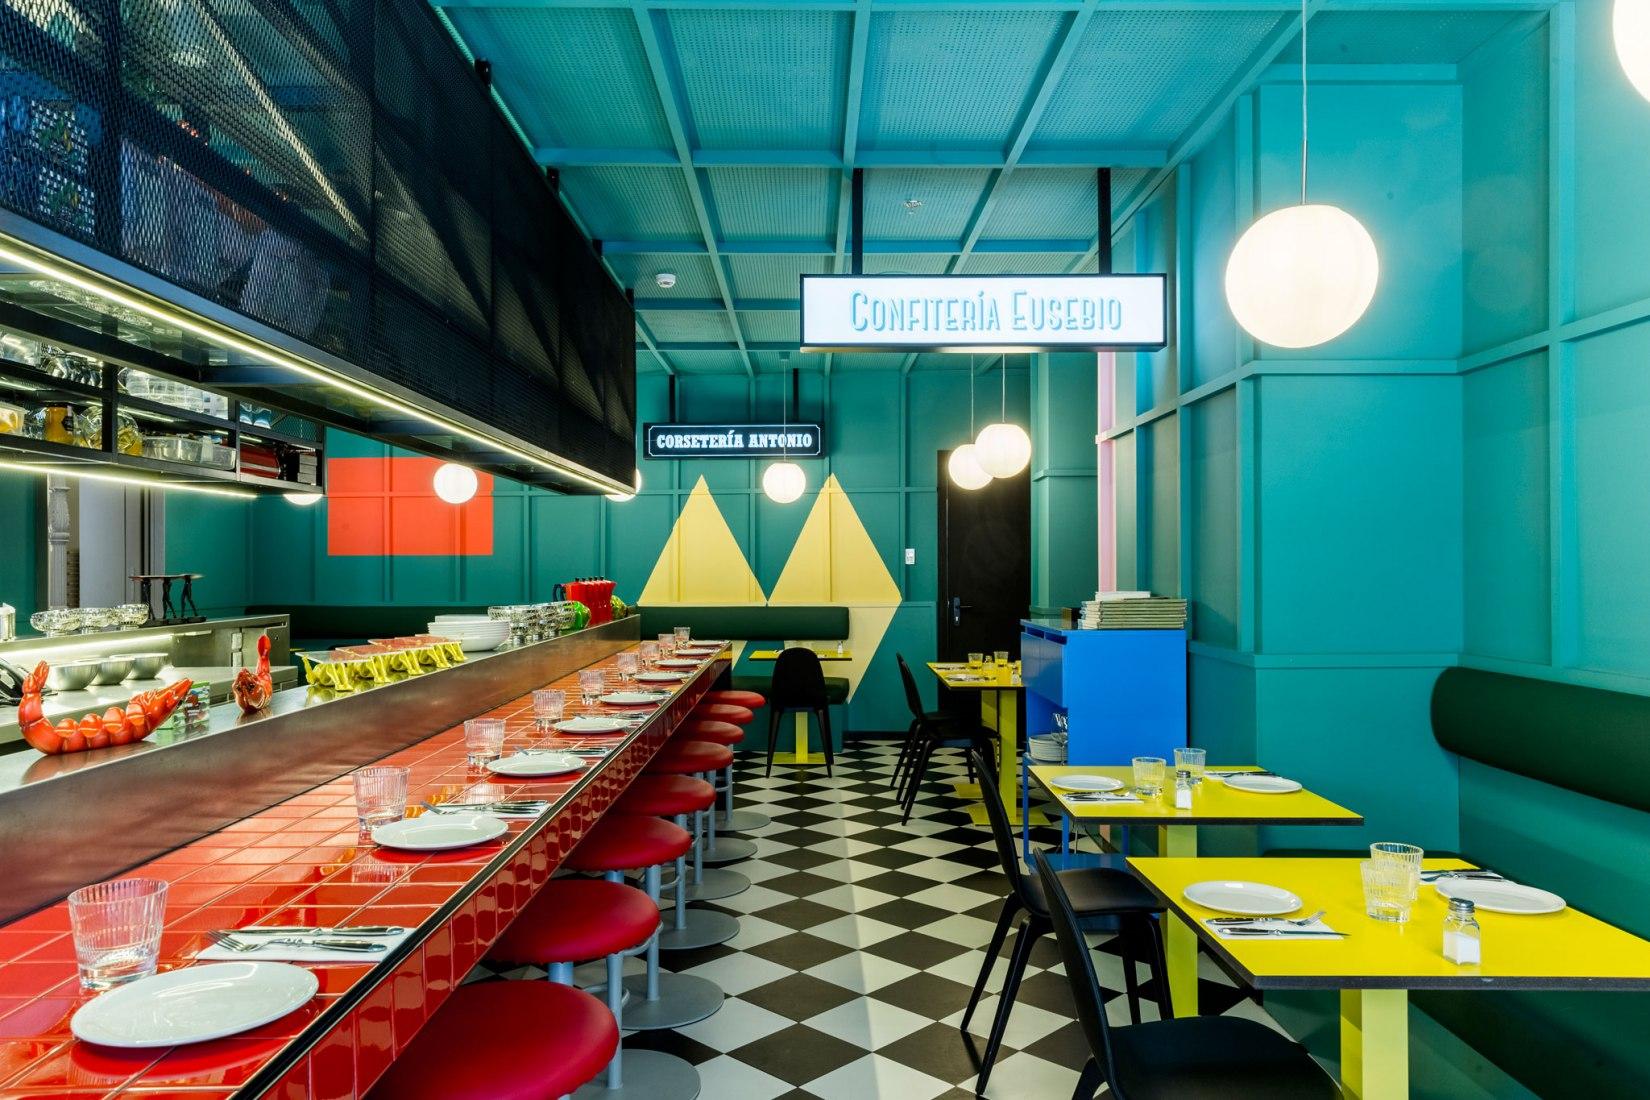 Las Chicas, Los Chicos y Los Maniquís Restaurante por El Equipo Creativo. Fotografía por Adrià Goula